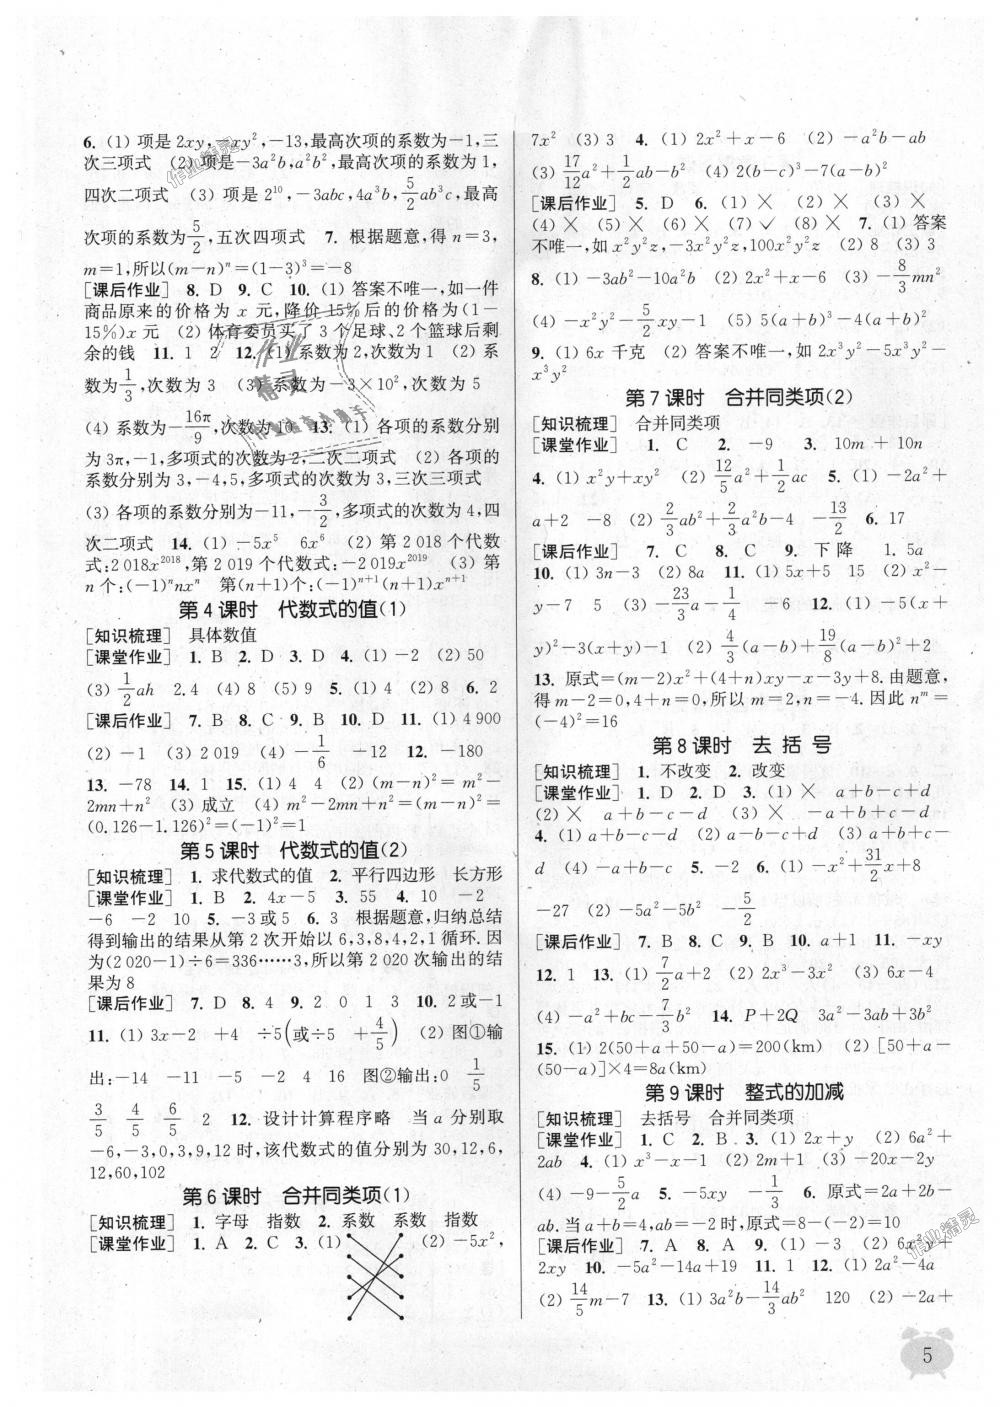 2018年通城学典课时作业本七年级数学上册江苏版江苏专用第5页